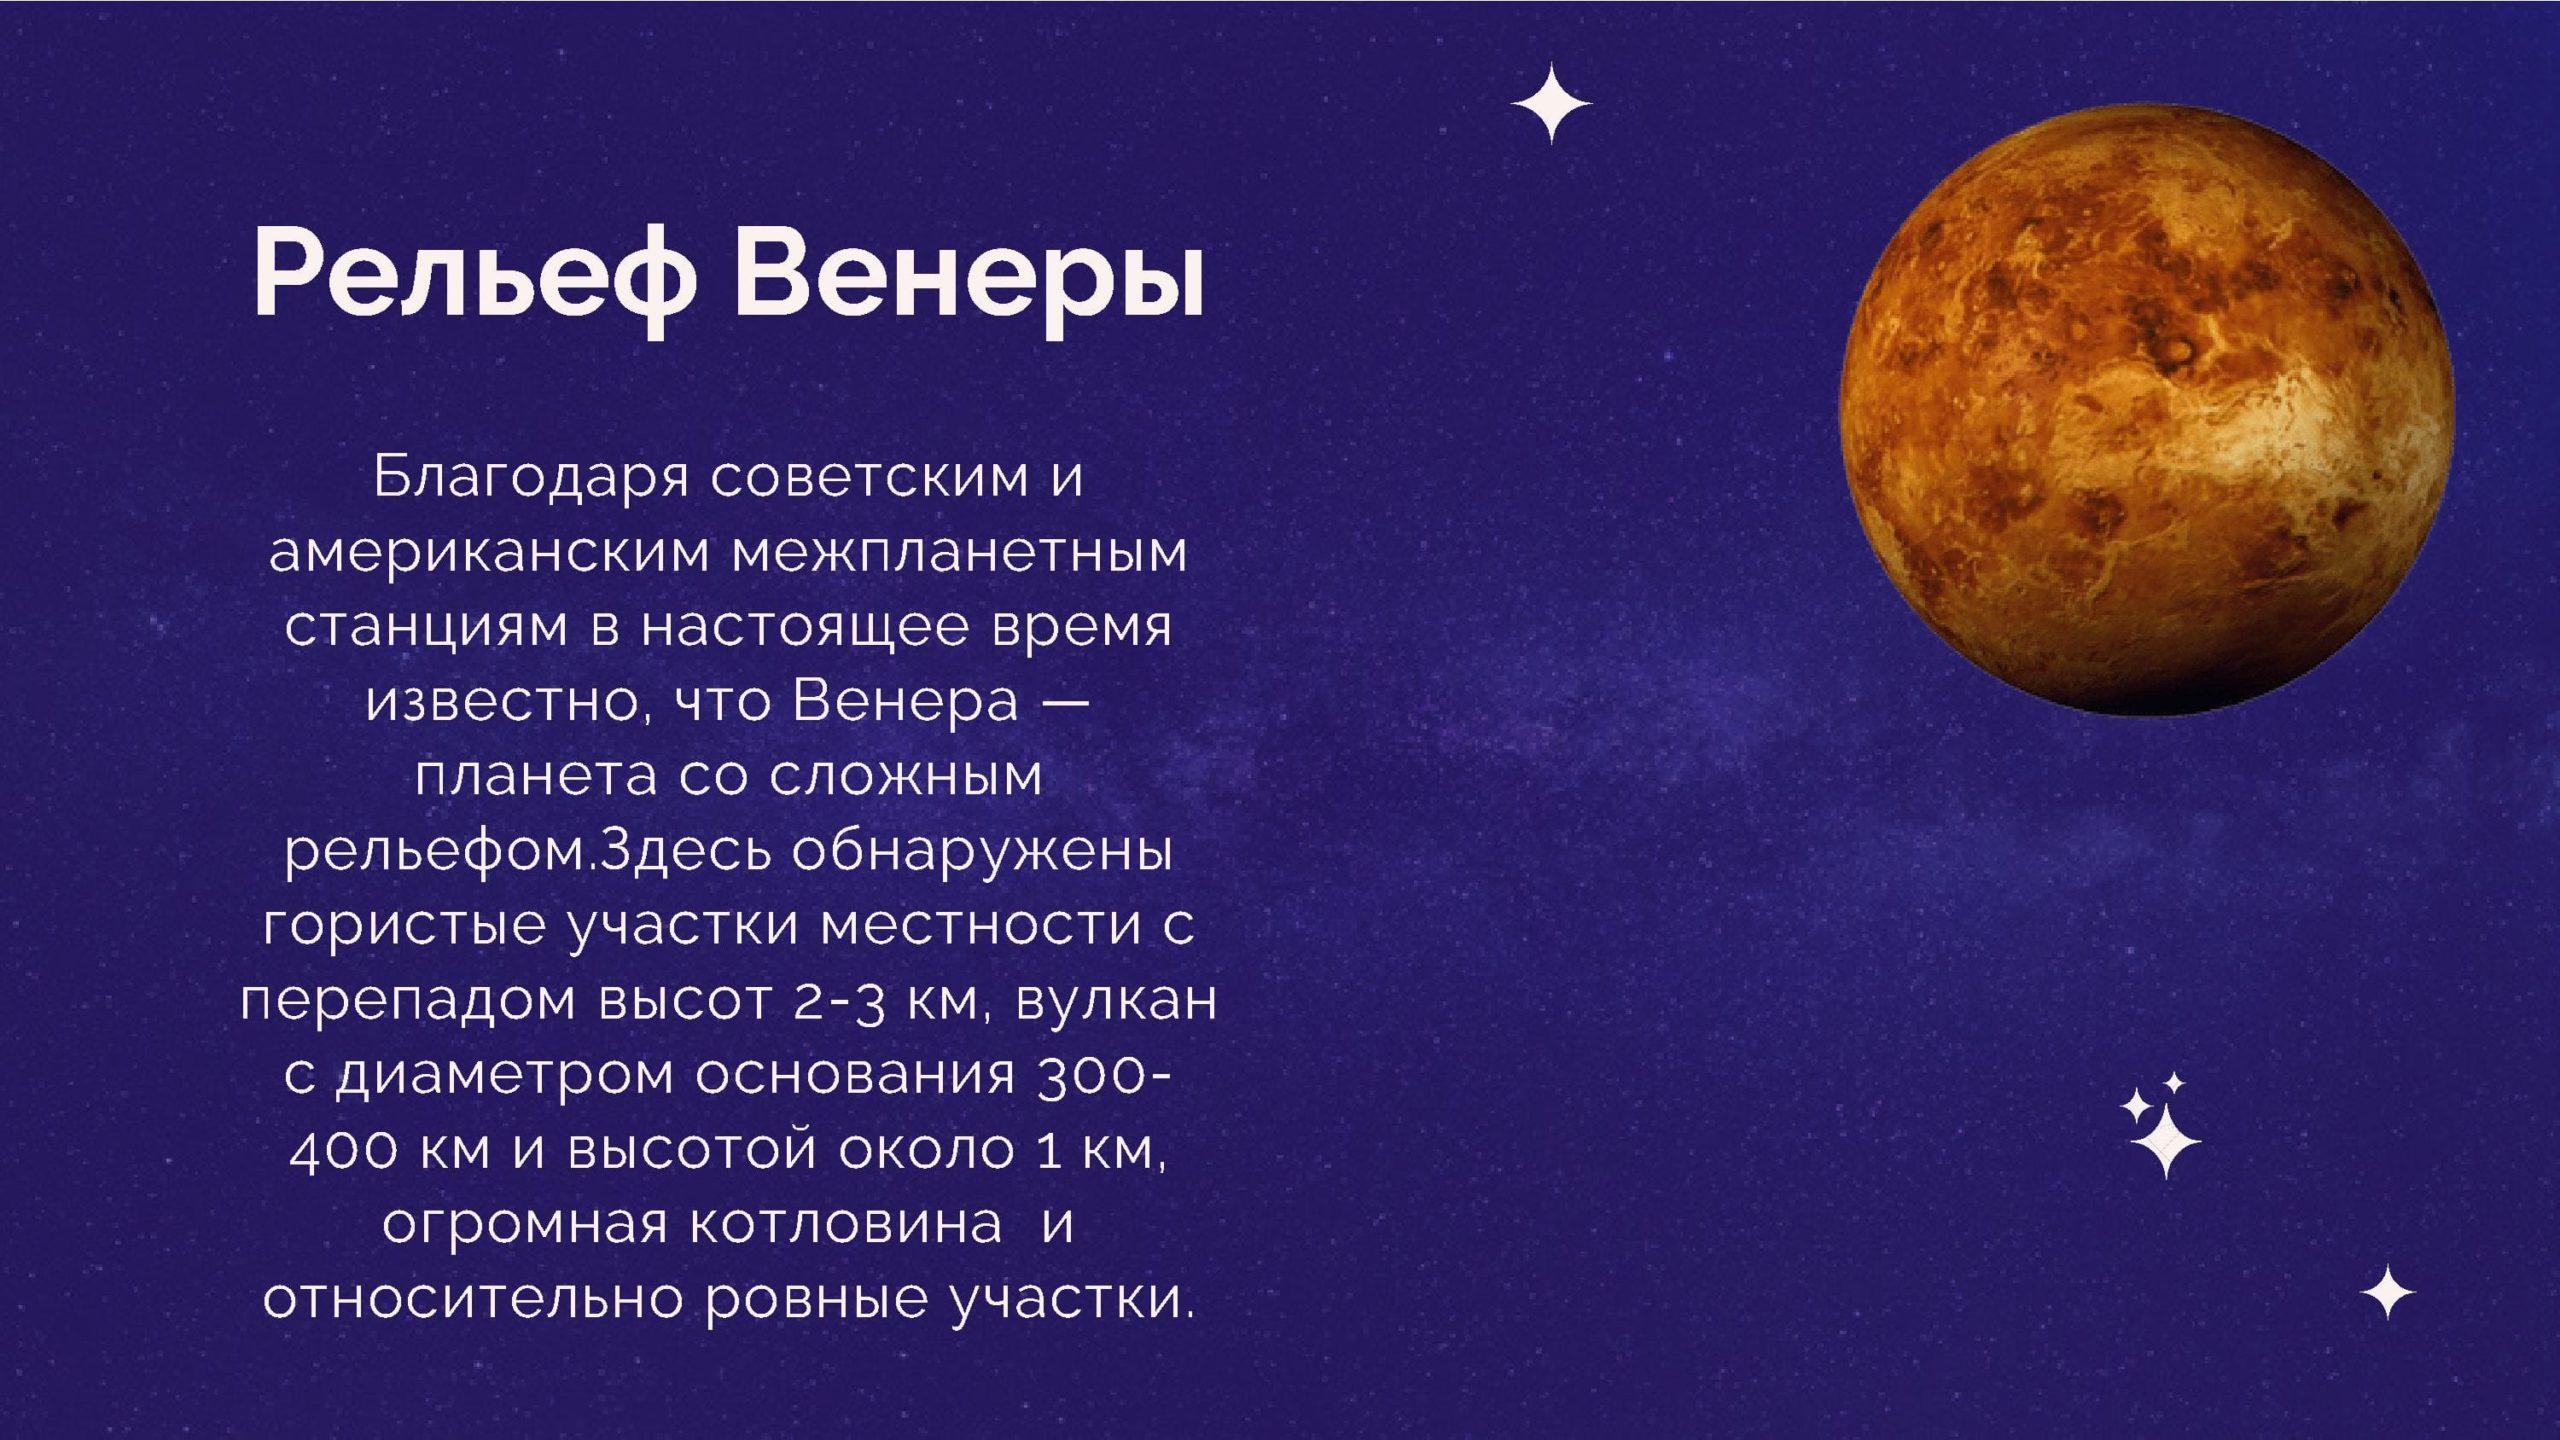 Рельеф Венеры